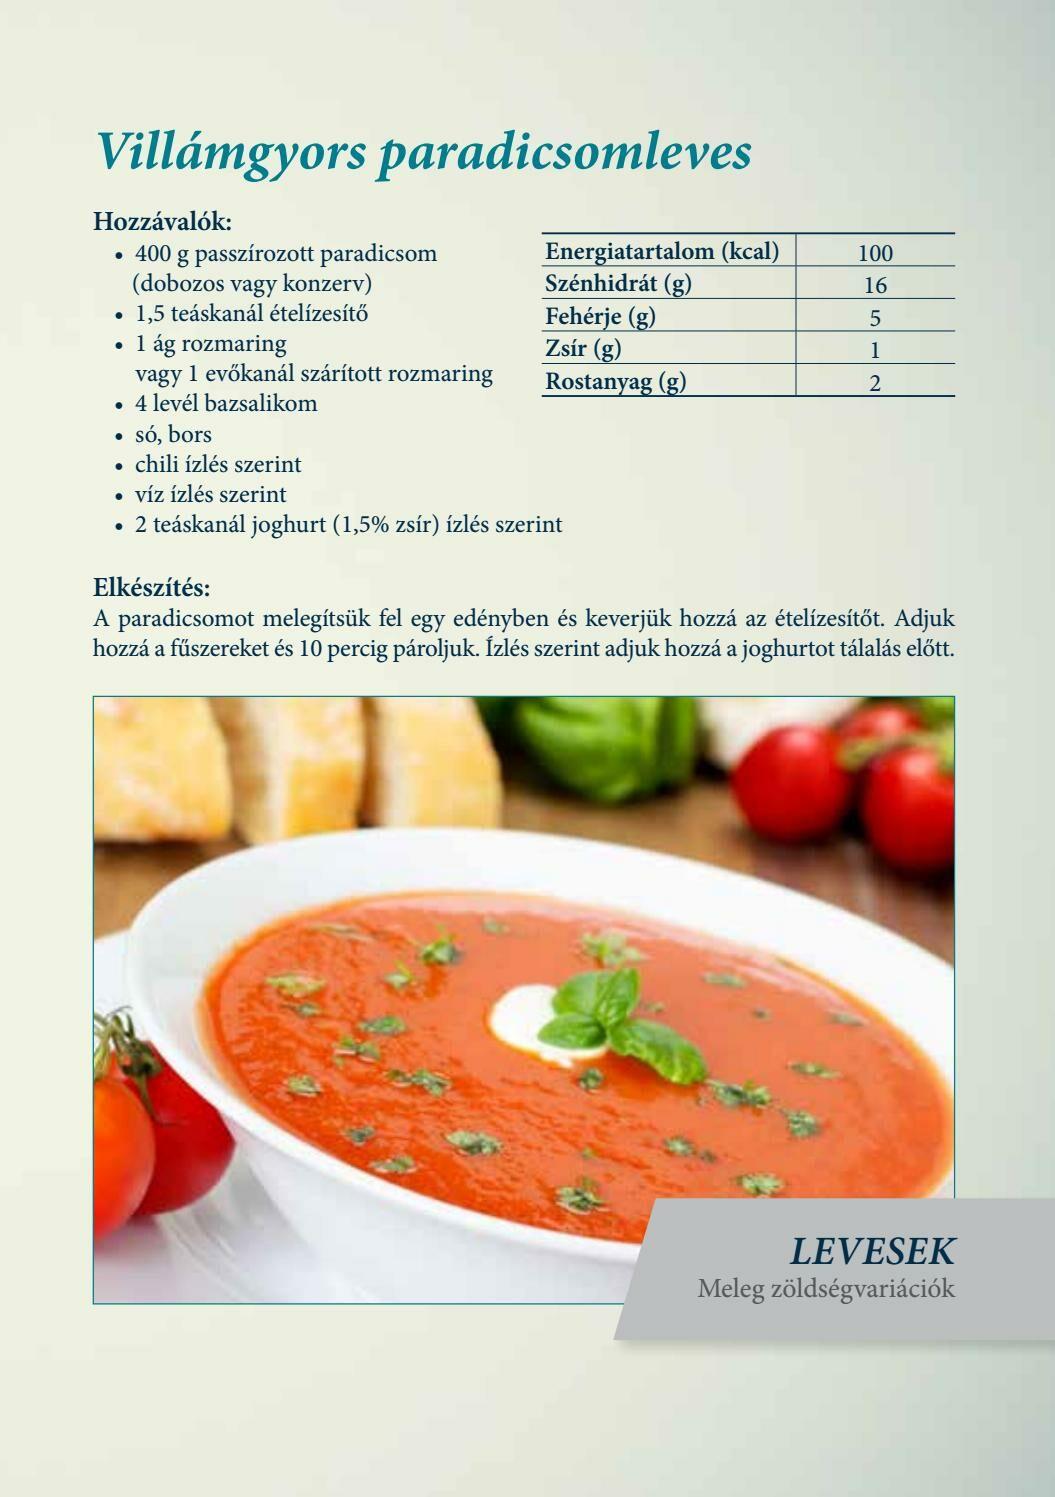 Diétás receptek - paradicsomleves - jópatikus